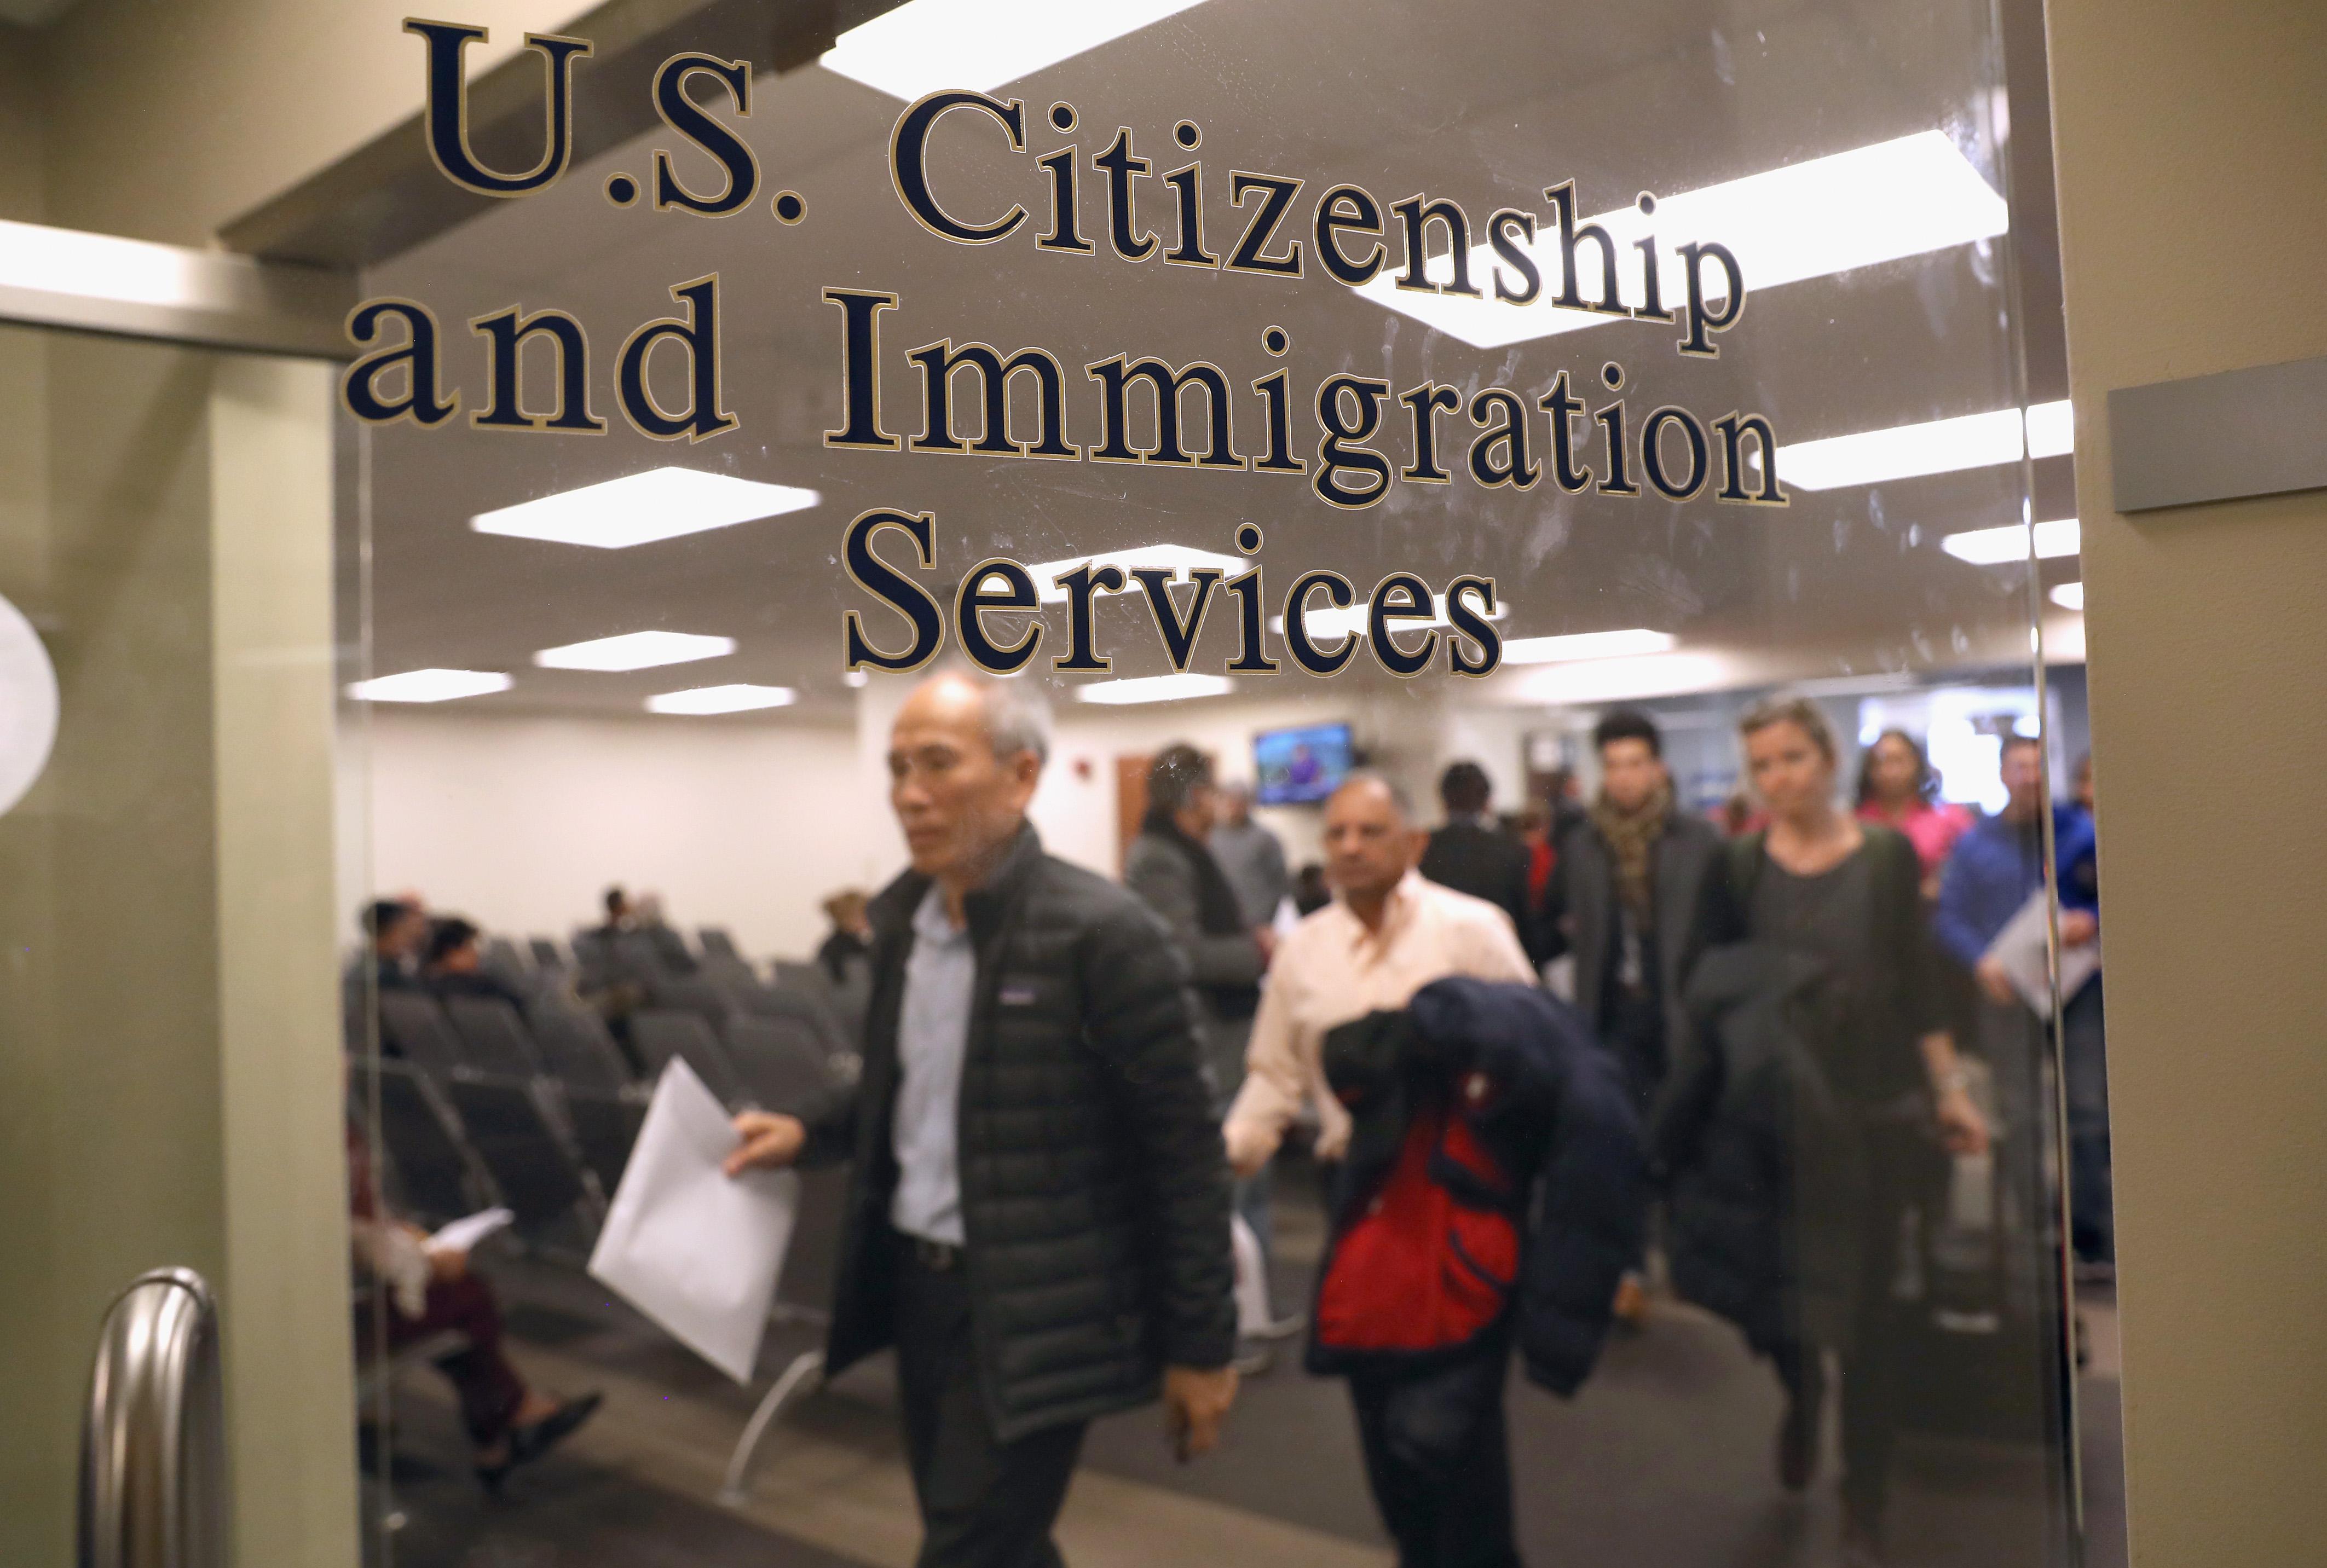 美禁黨員移民 加州華人:會問朋友「退黨了嗎」